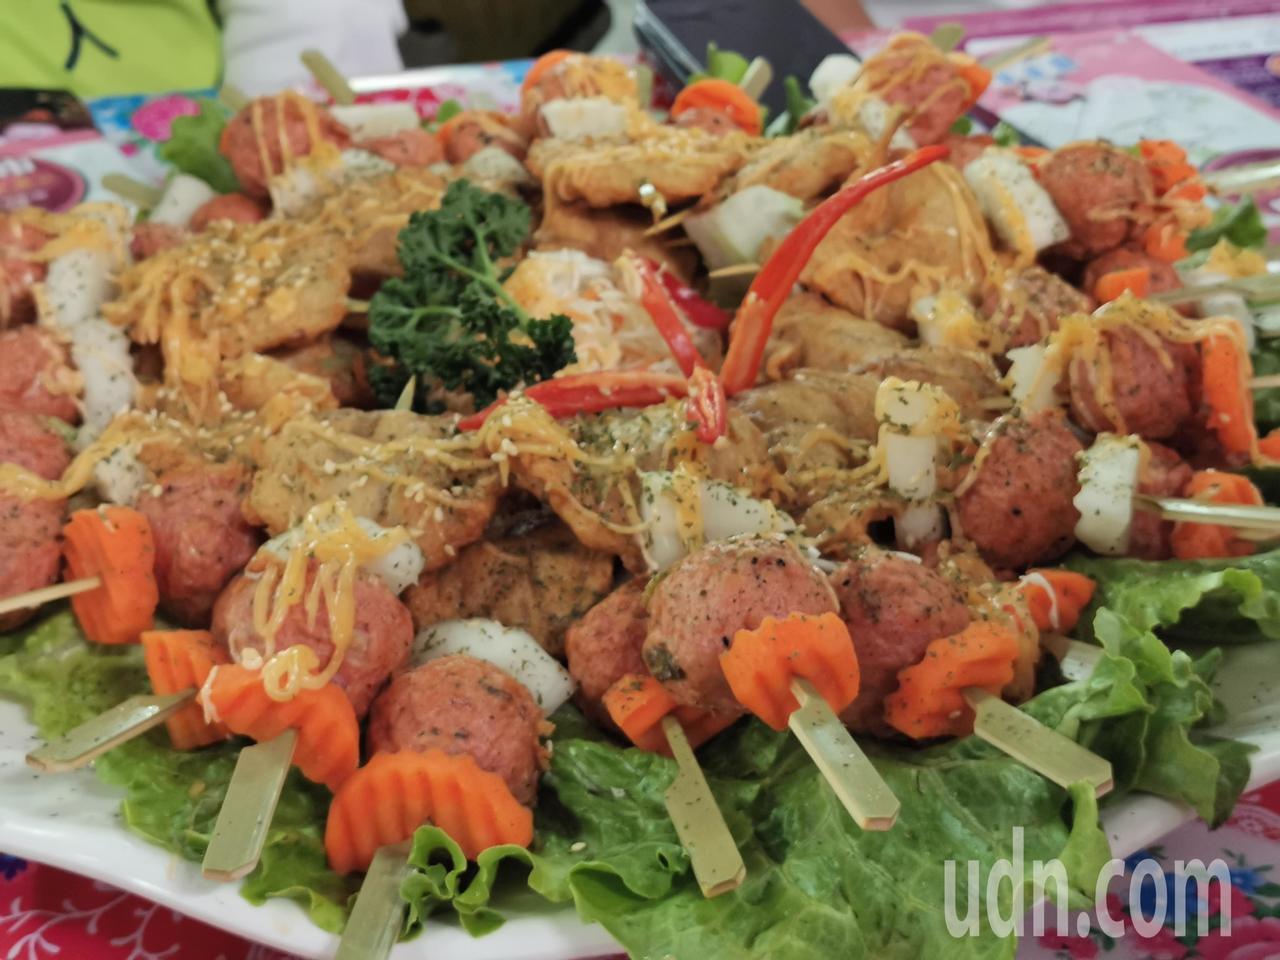 新明津肉捲、蝦捲、牛蒡炸是知名美食。記者卜敏正/攝影